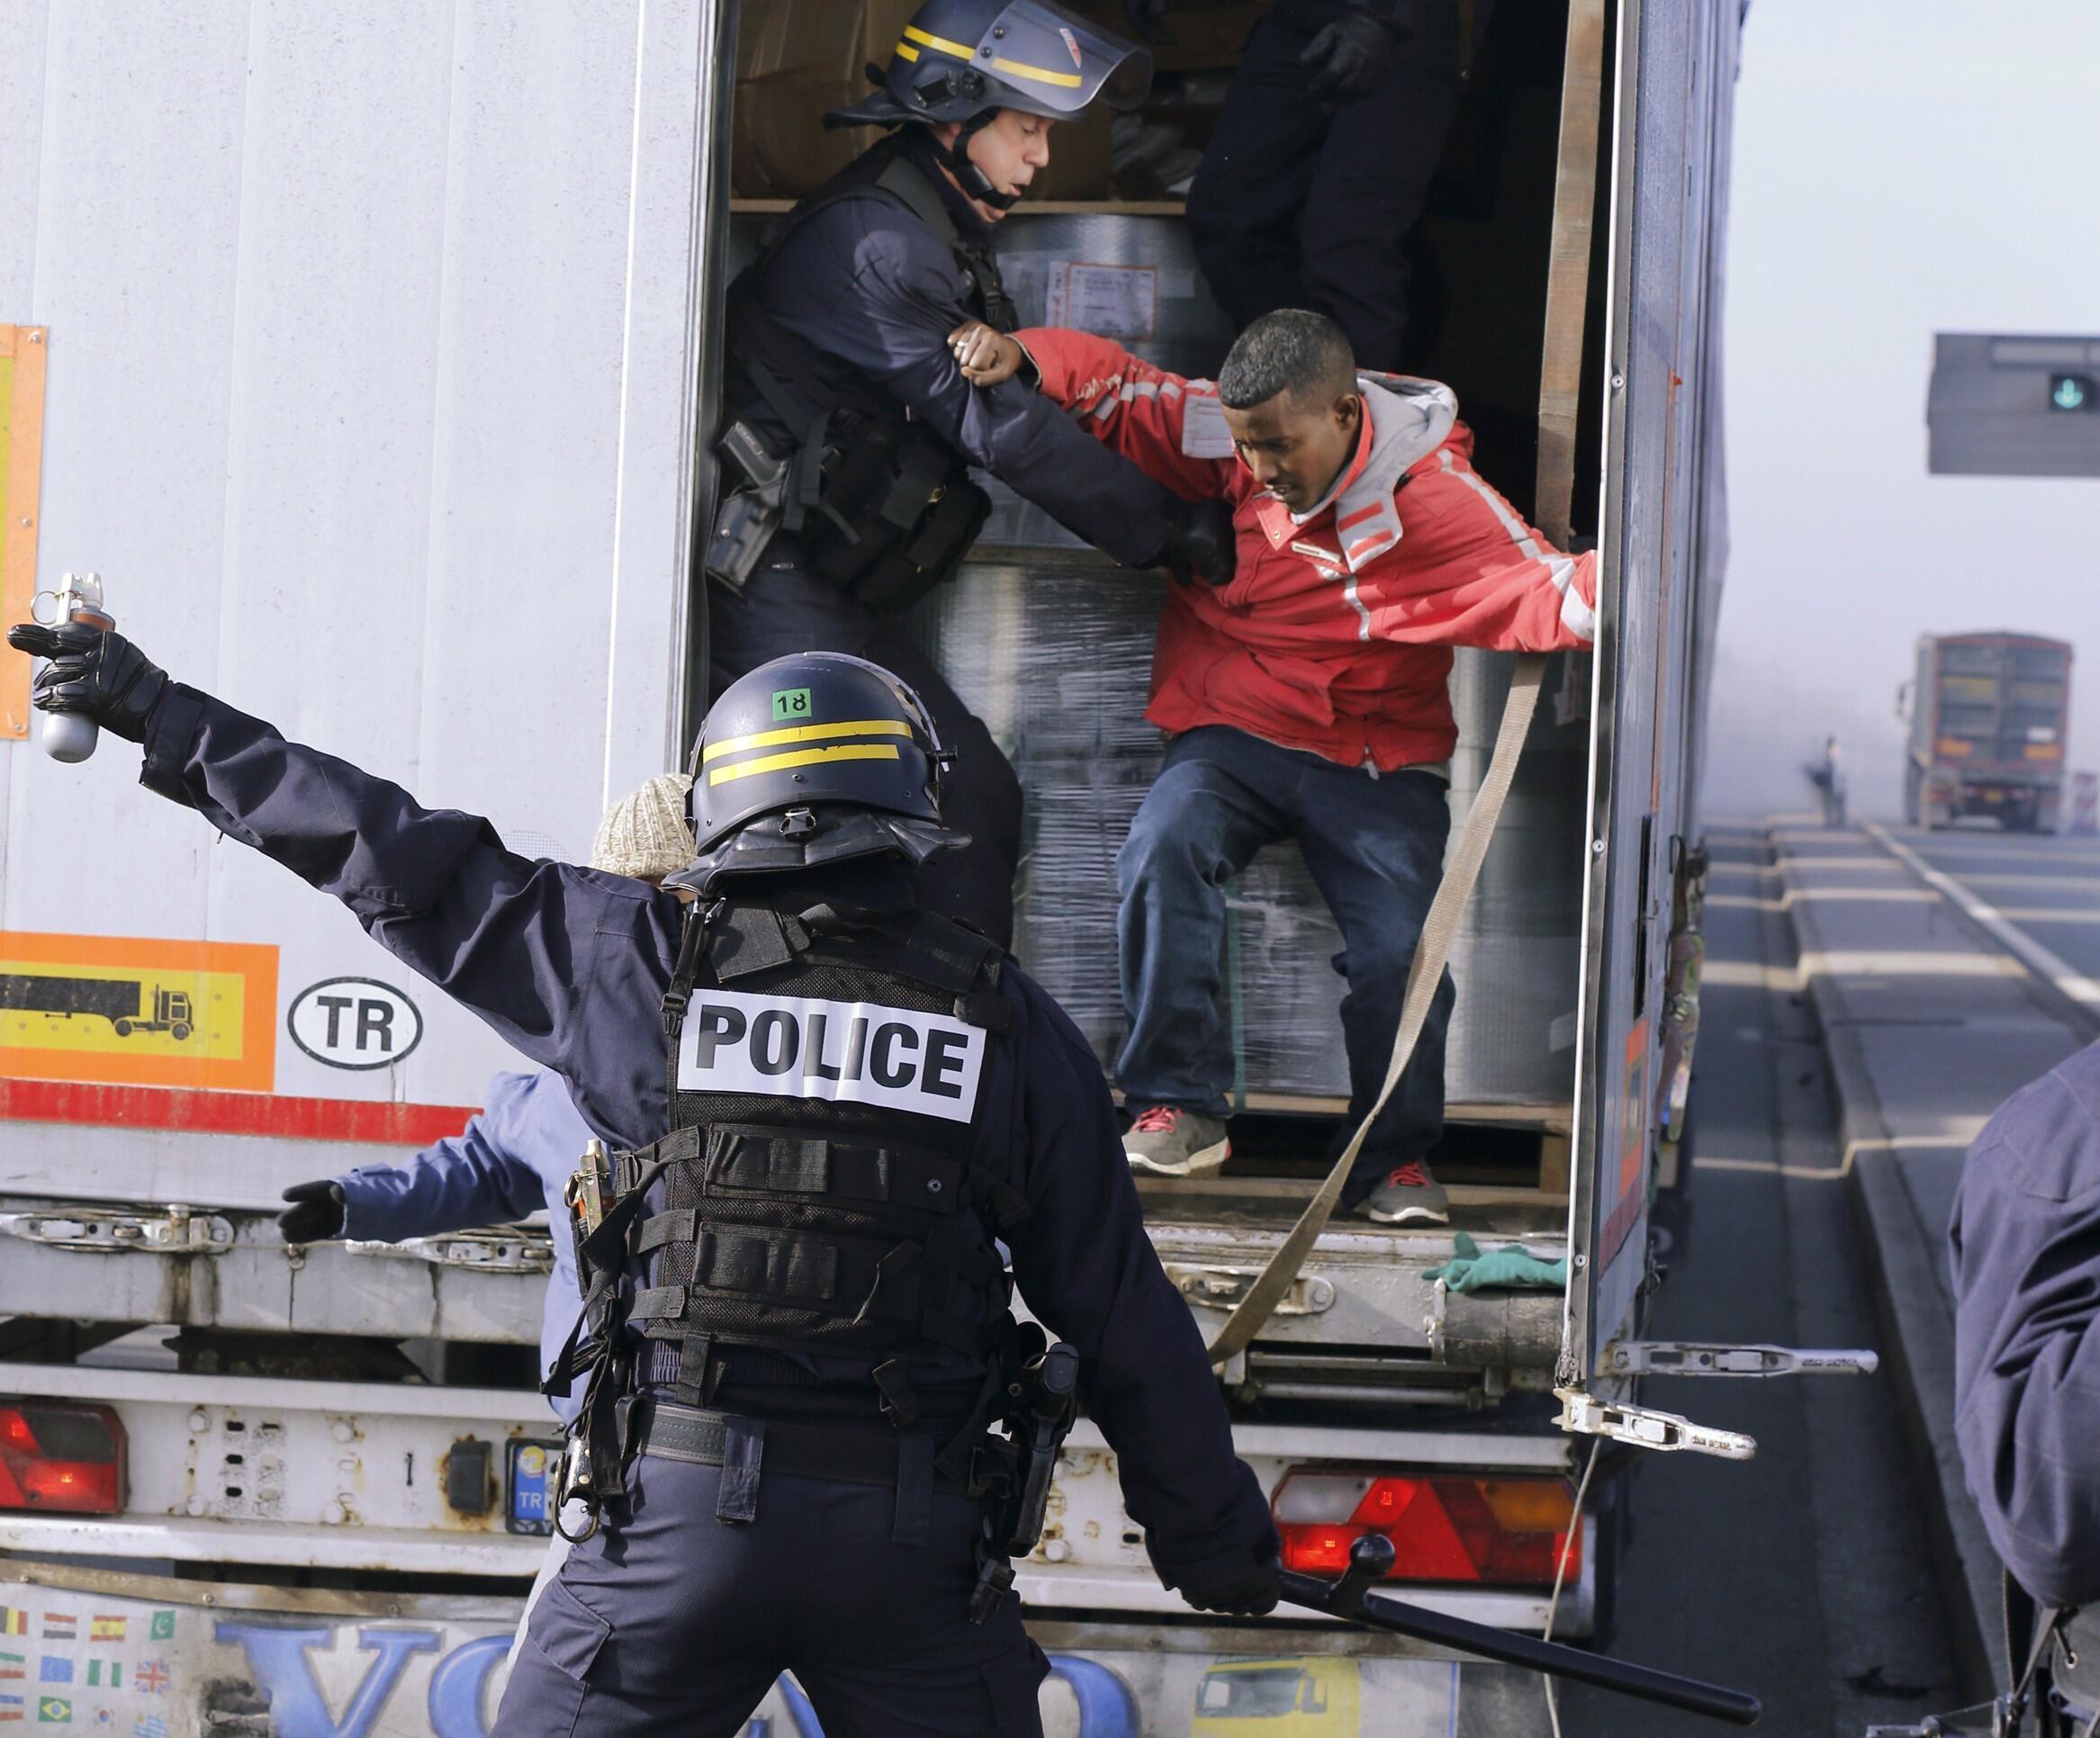 Policiais da tropa de choque retiram imigrantes de um caminhão em Calais